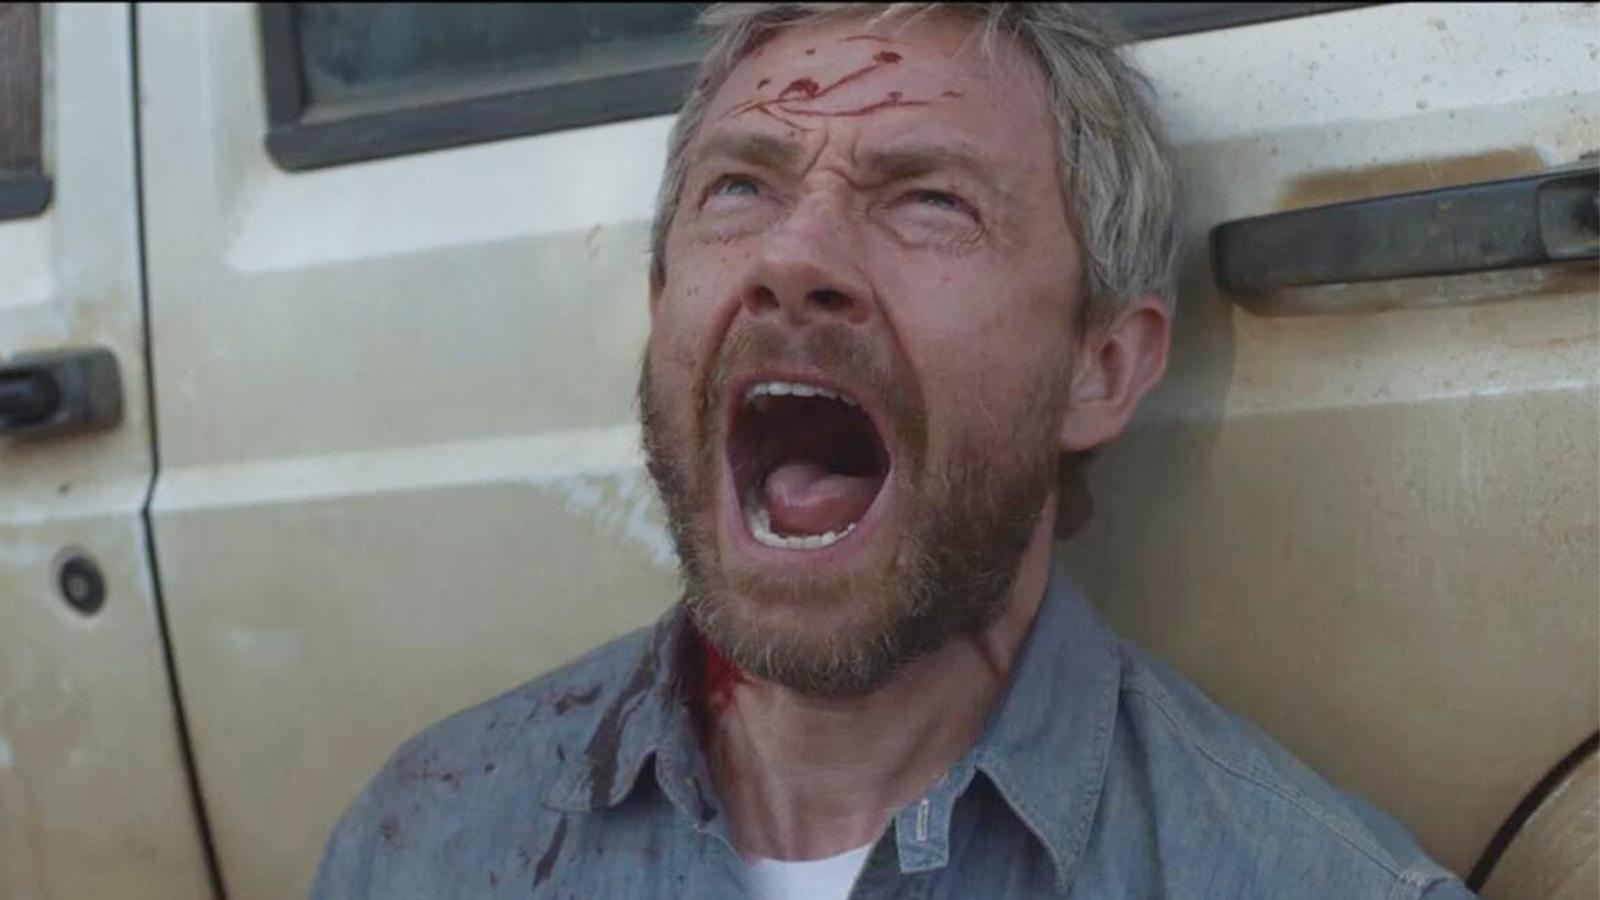 #经典看电影#父亲48小时后会变成丧尸,为了救背上的女儿,他选择伤害自己